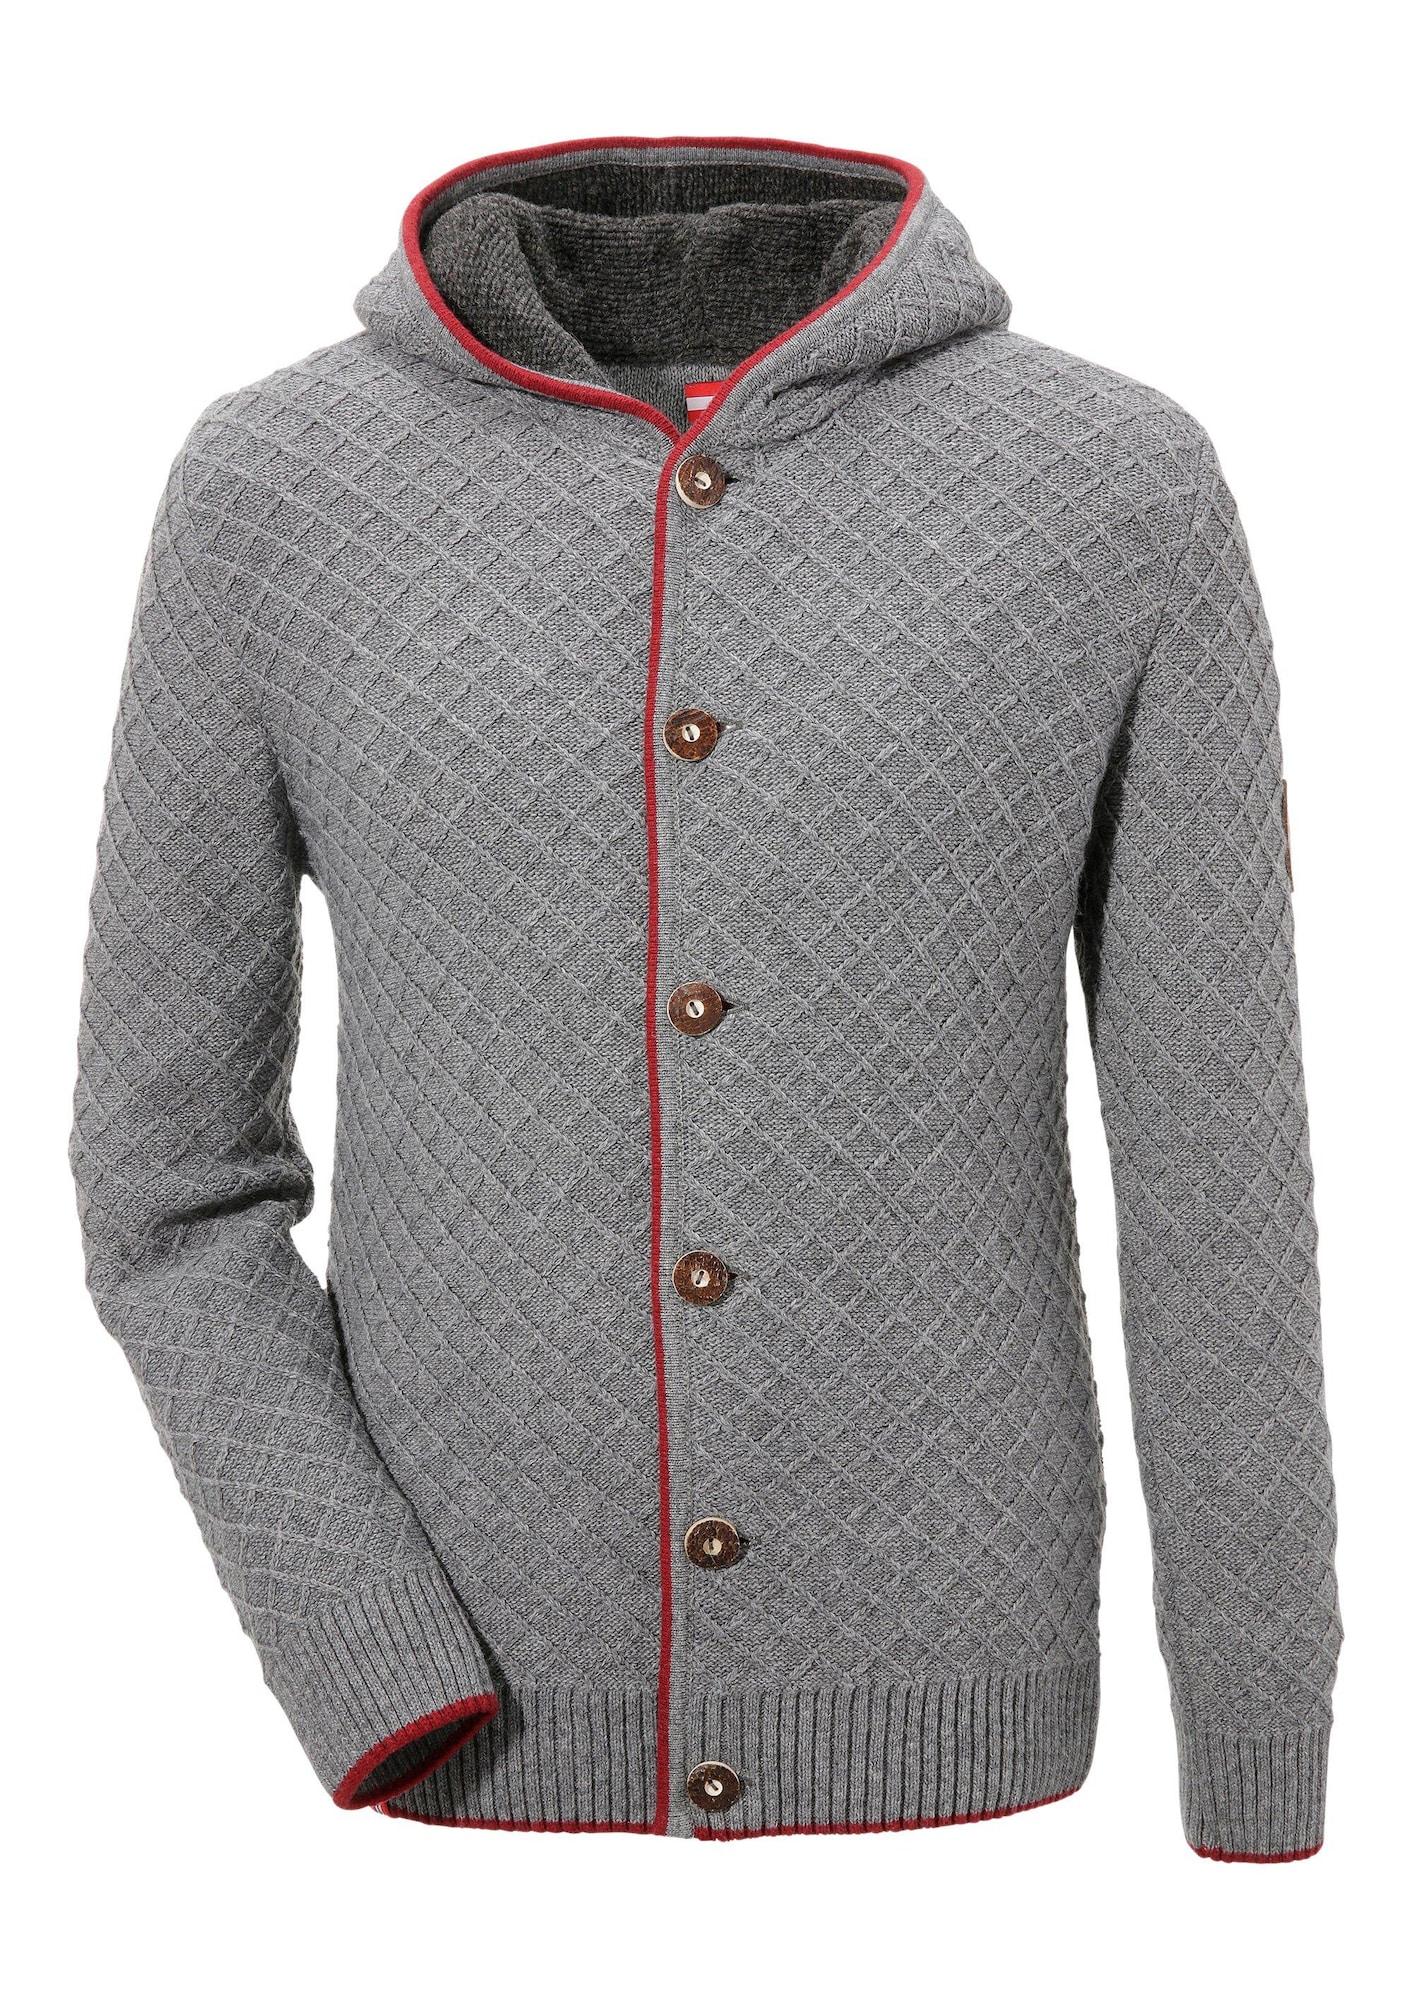 Trachtenstrickjacke | Bekleidung > Strickjacken & Cardigans | Grau | Almgwand